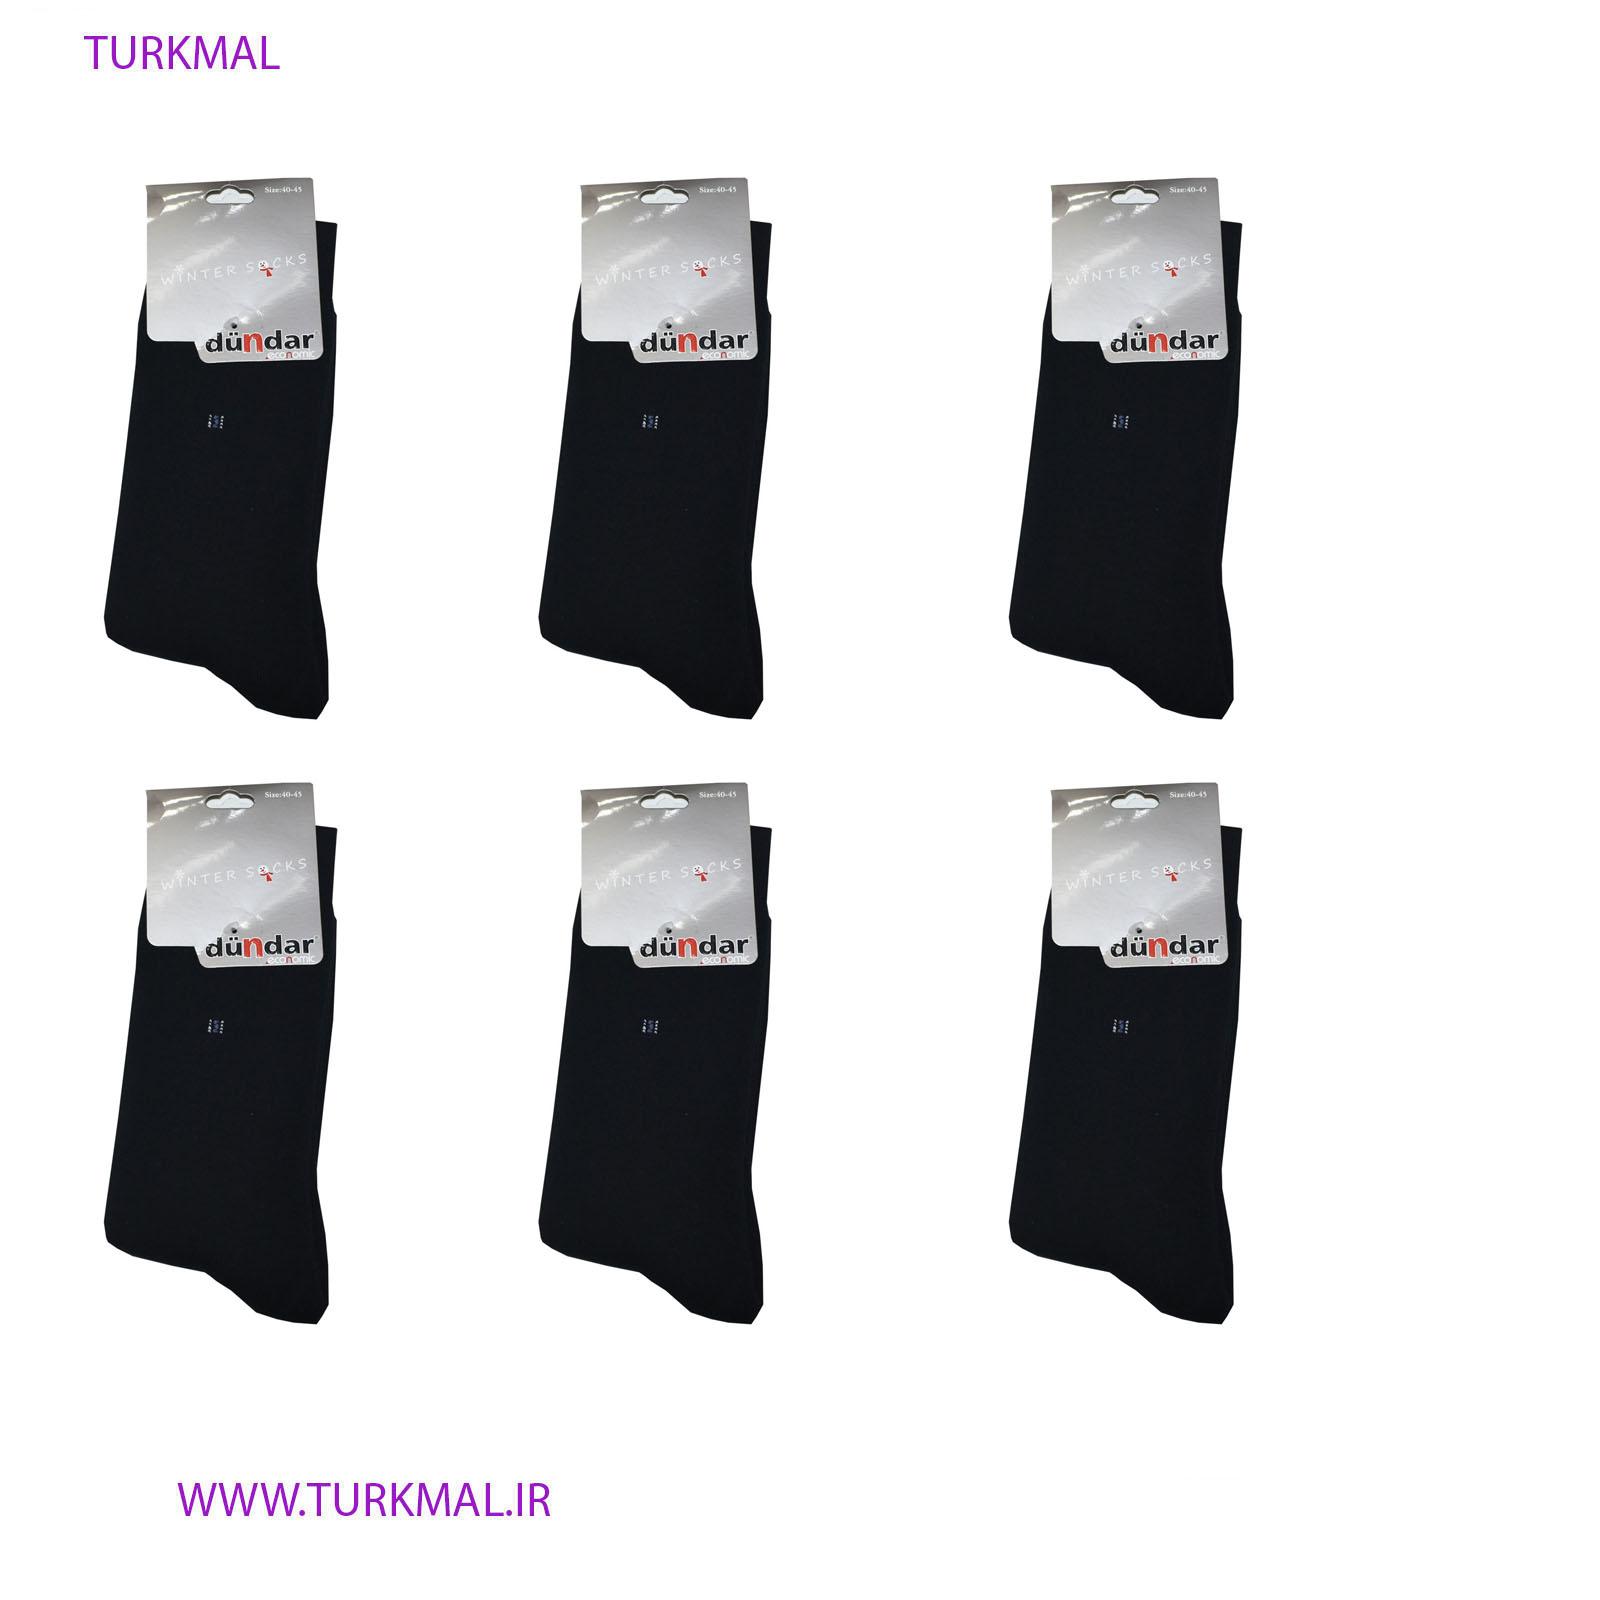 جوراب زنانه دوندار مدل پشمی بسته ۶ عددی